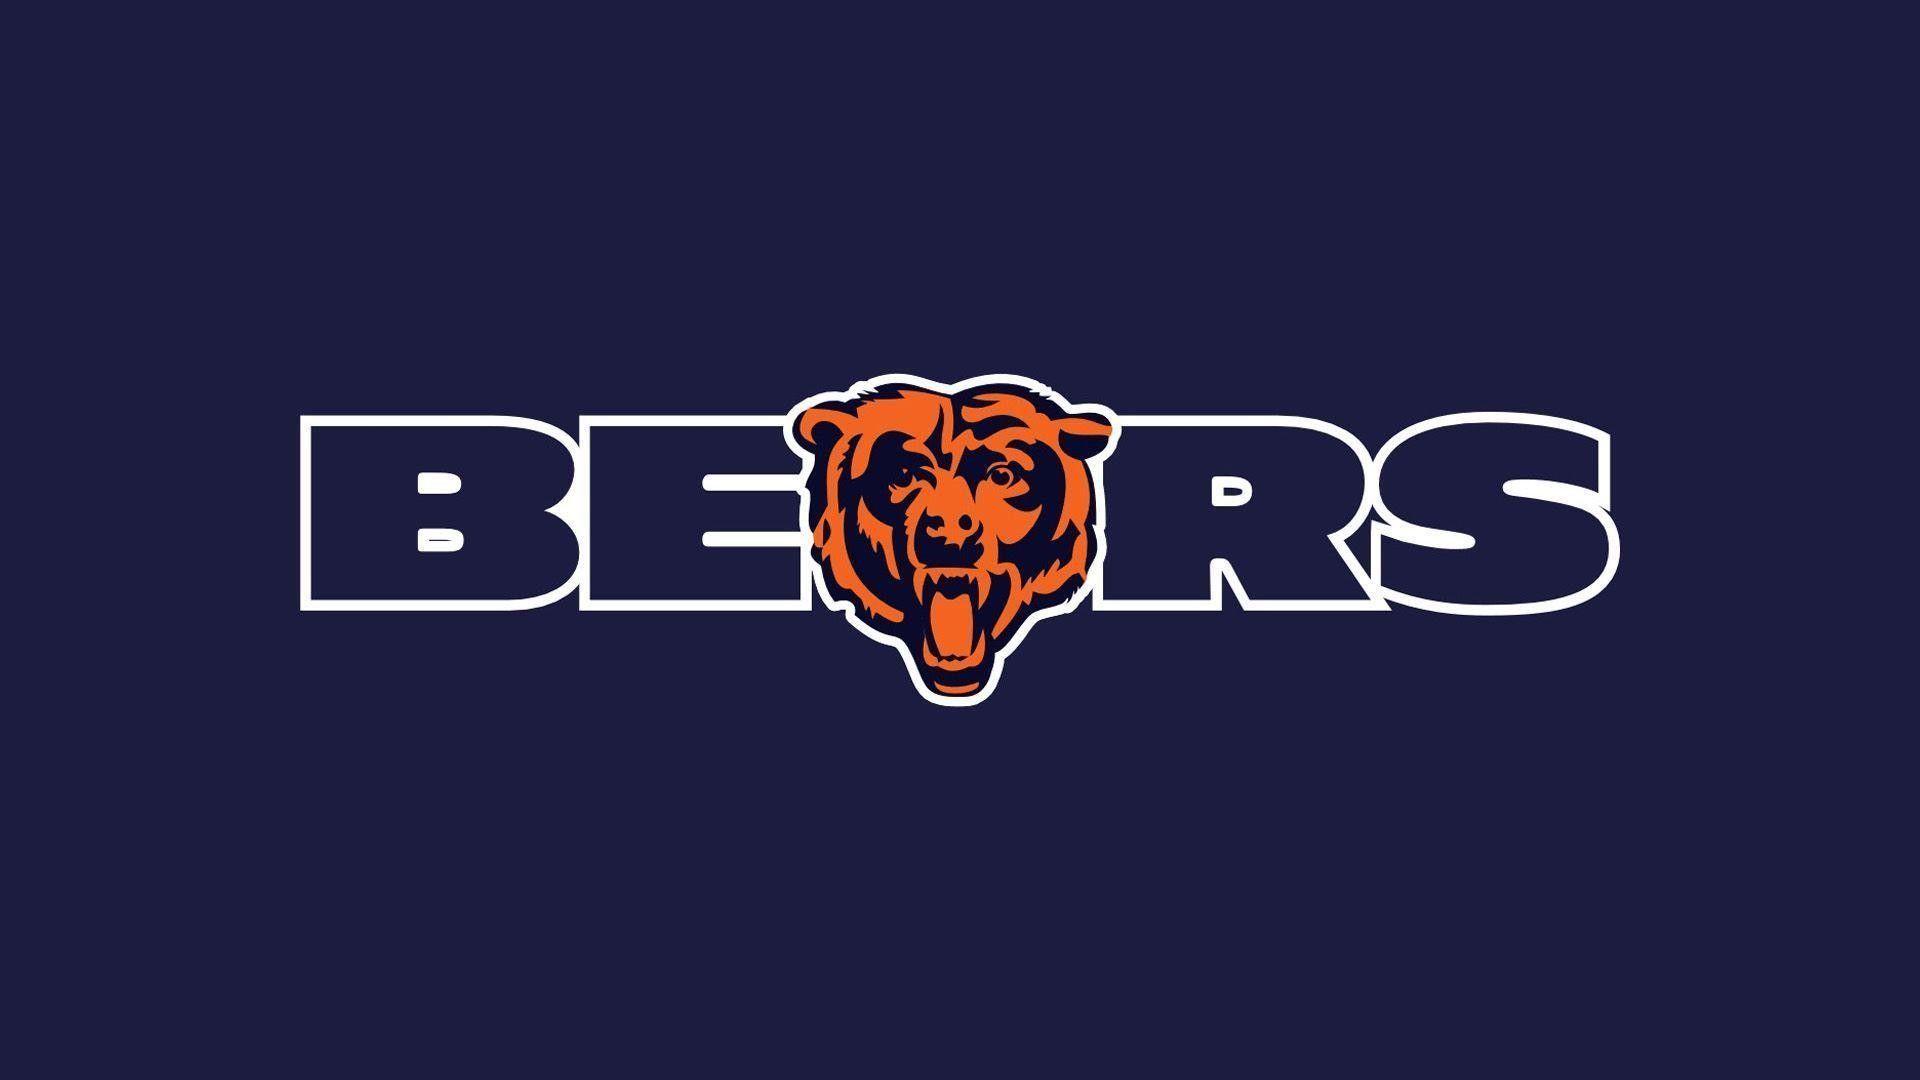 Chicago Bears Desktop Wallpapers | Best NFL Wallpapers